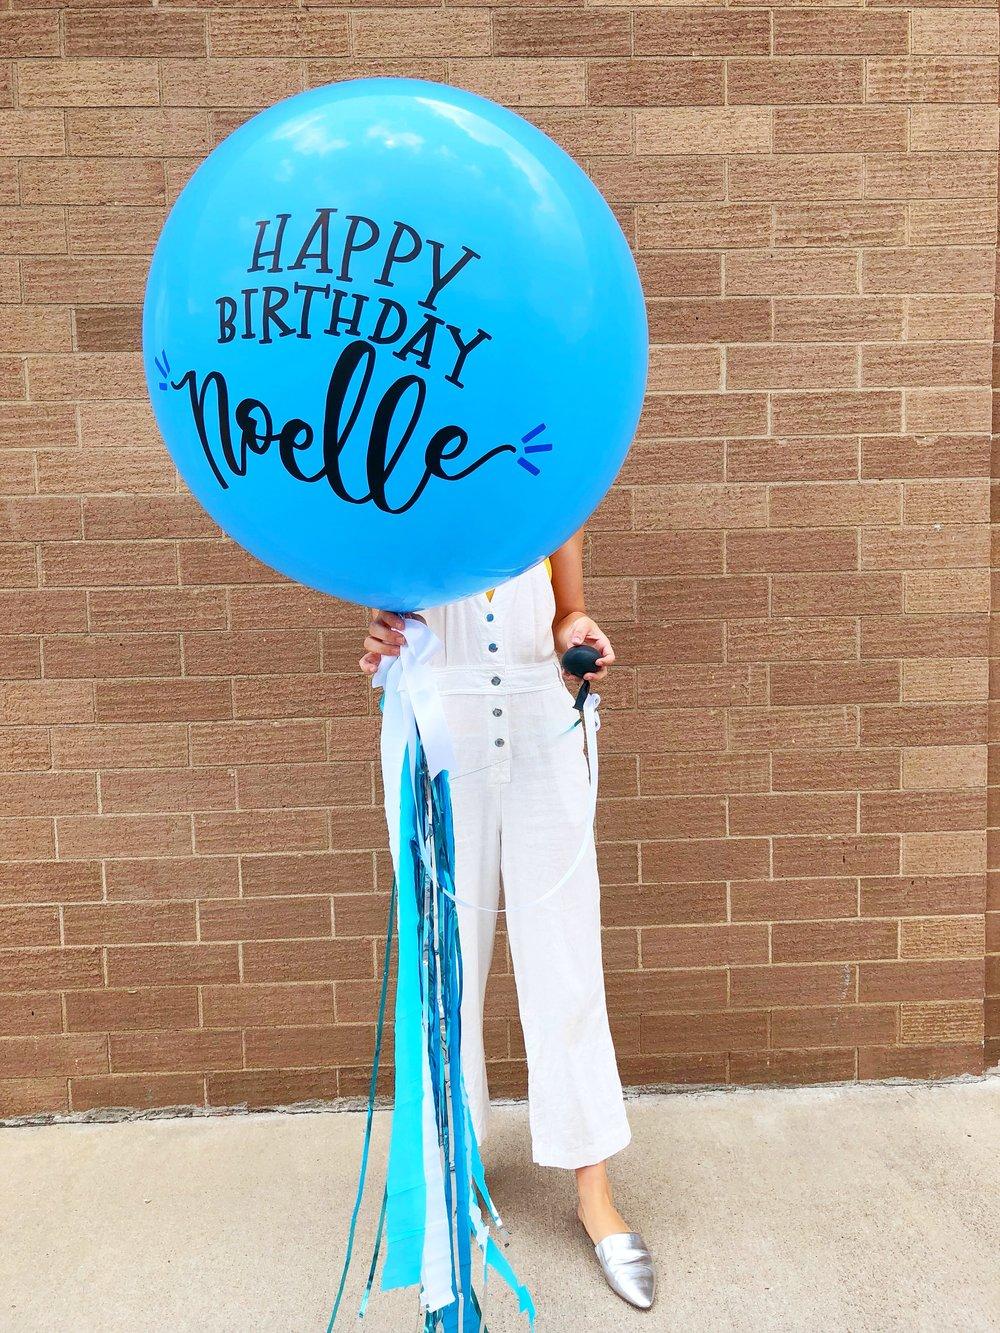 vroom_vroom_balloon_big_birthday_bespoke_hand_lettered_calligraphy_birthday_noelle_blue_robins_egg.JPG